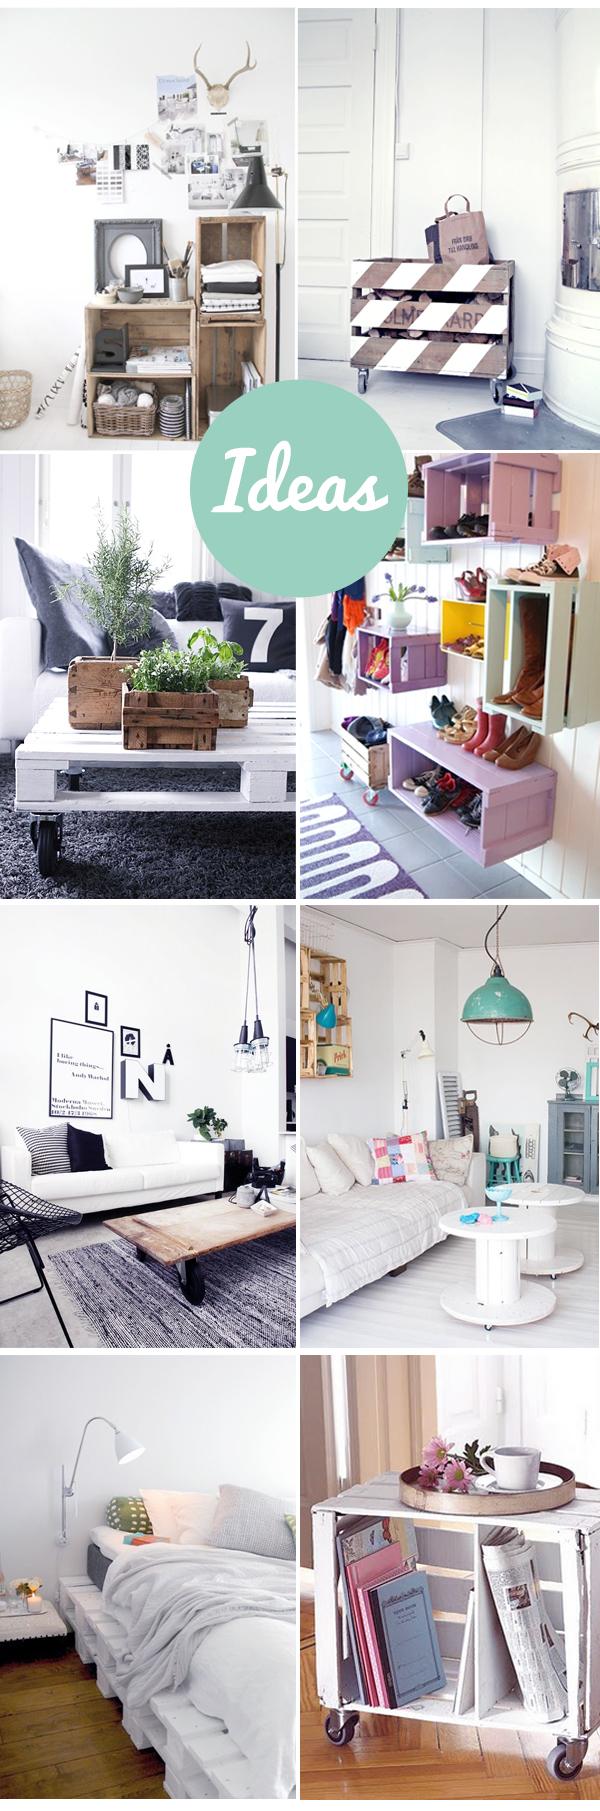 Muebles reciclados con cajas y palets de madera for Reciclar una cama de madera